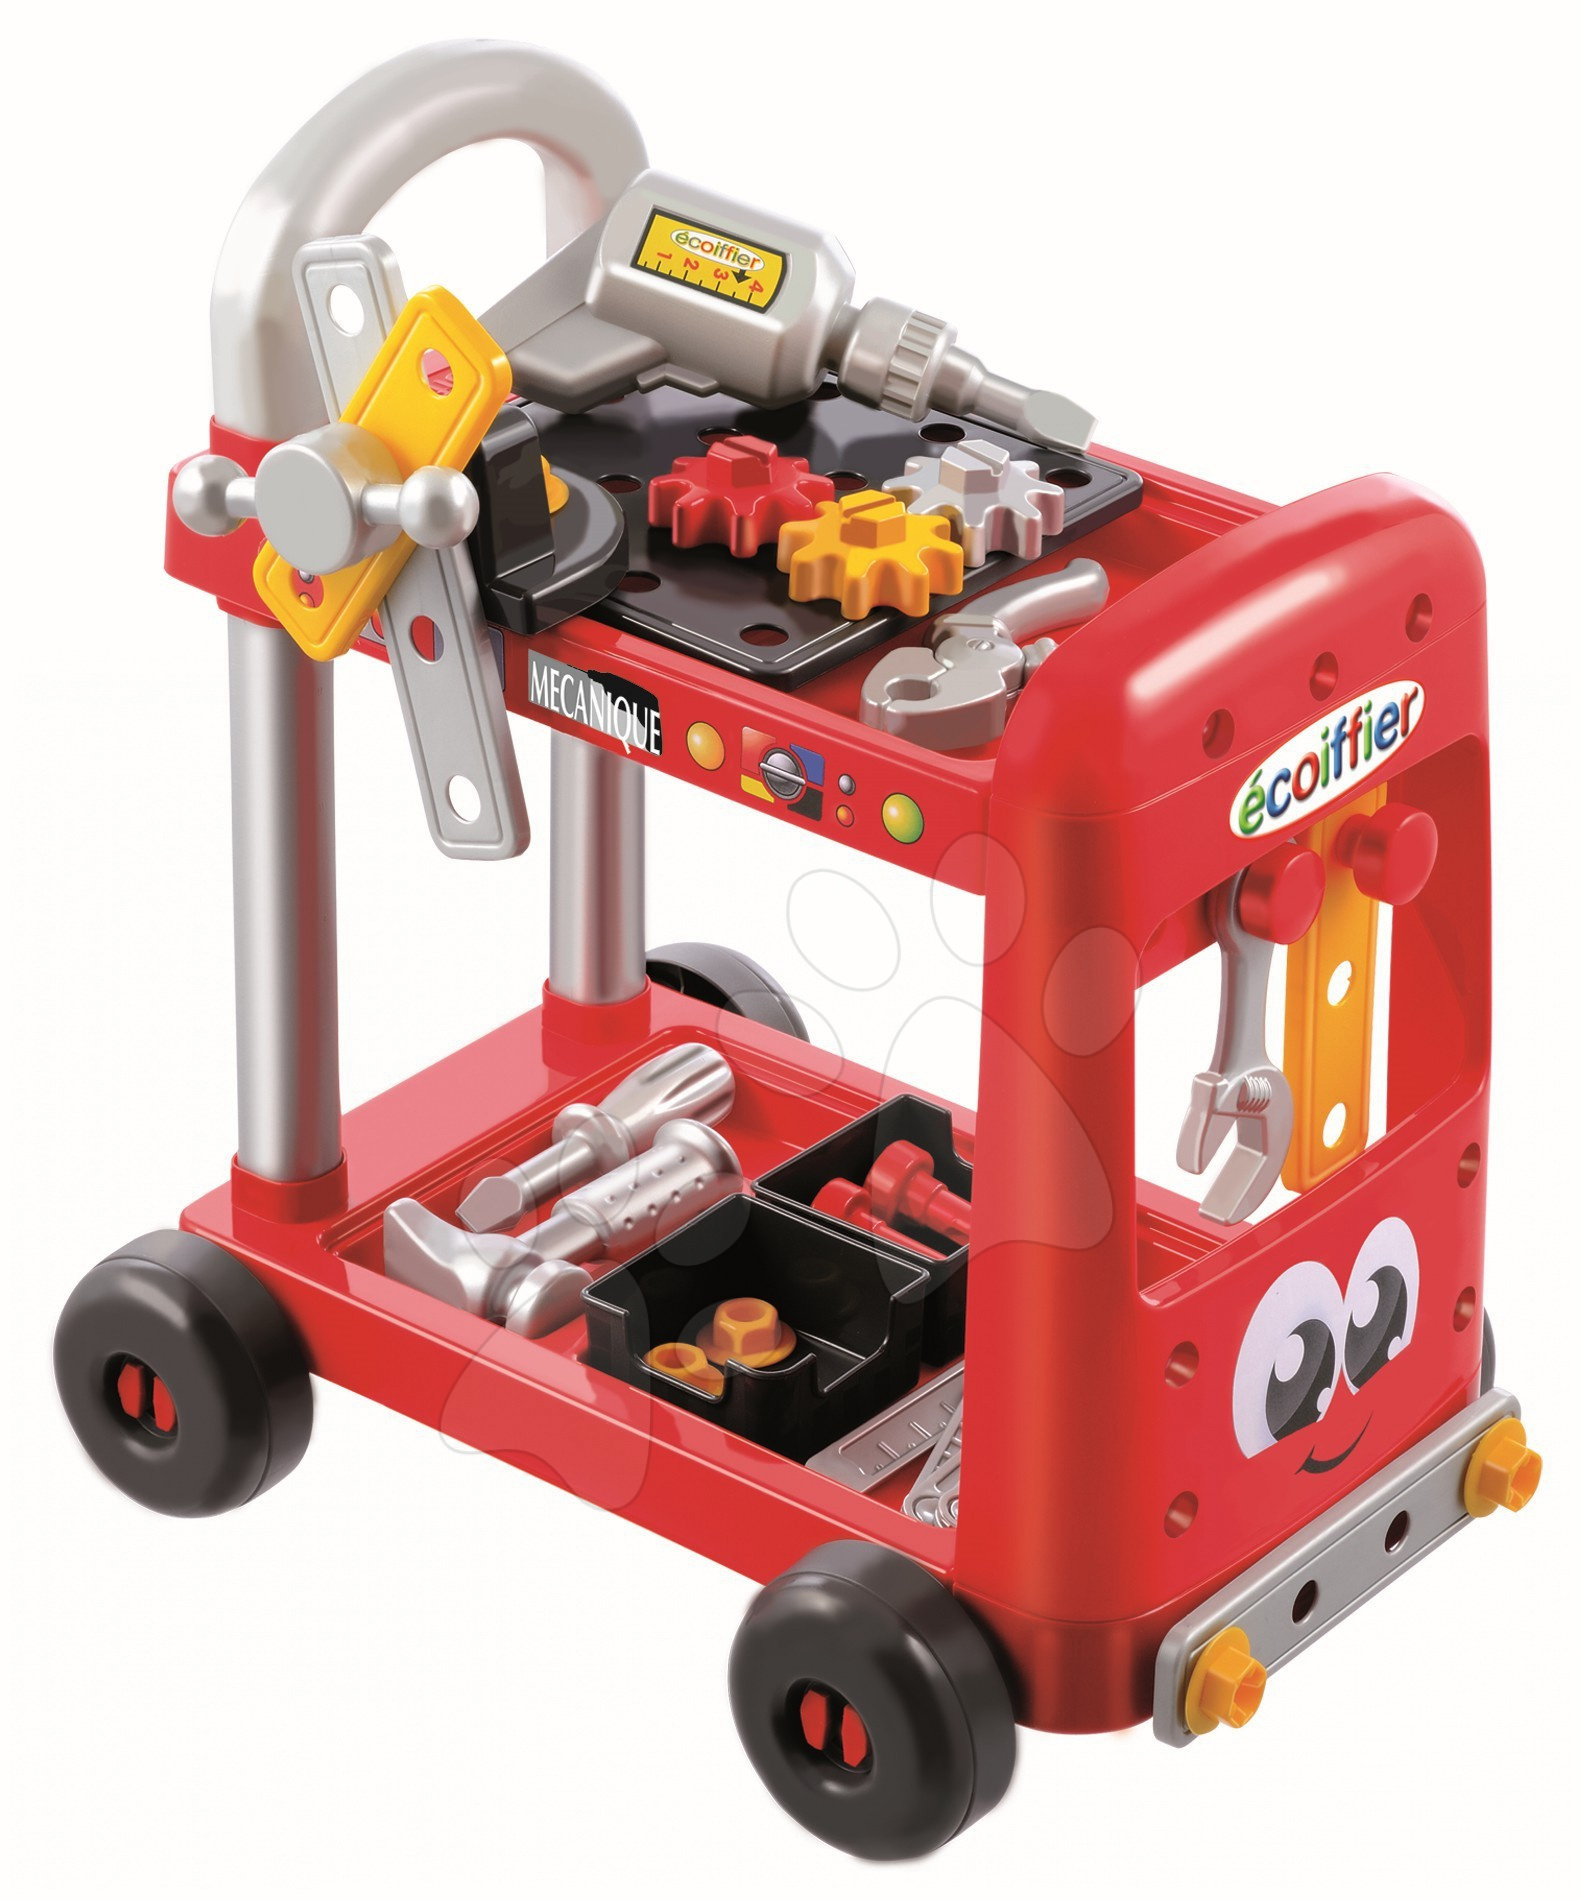 Pracovná dielňa Mecanique Tool Set Trolley Écoiffier na vozíku s 31 doplnkami od 24 mes